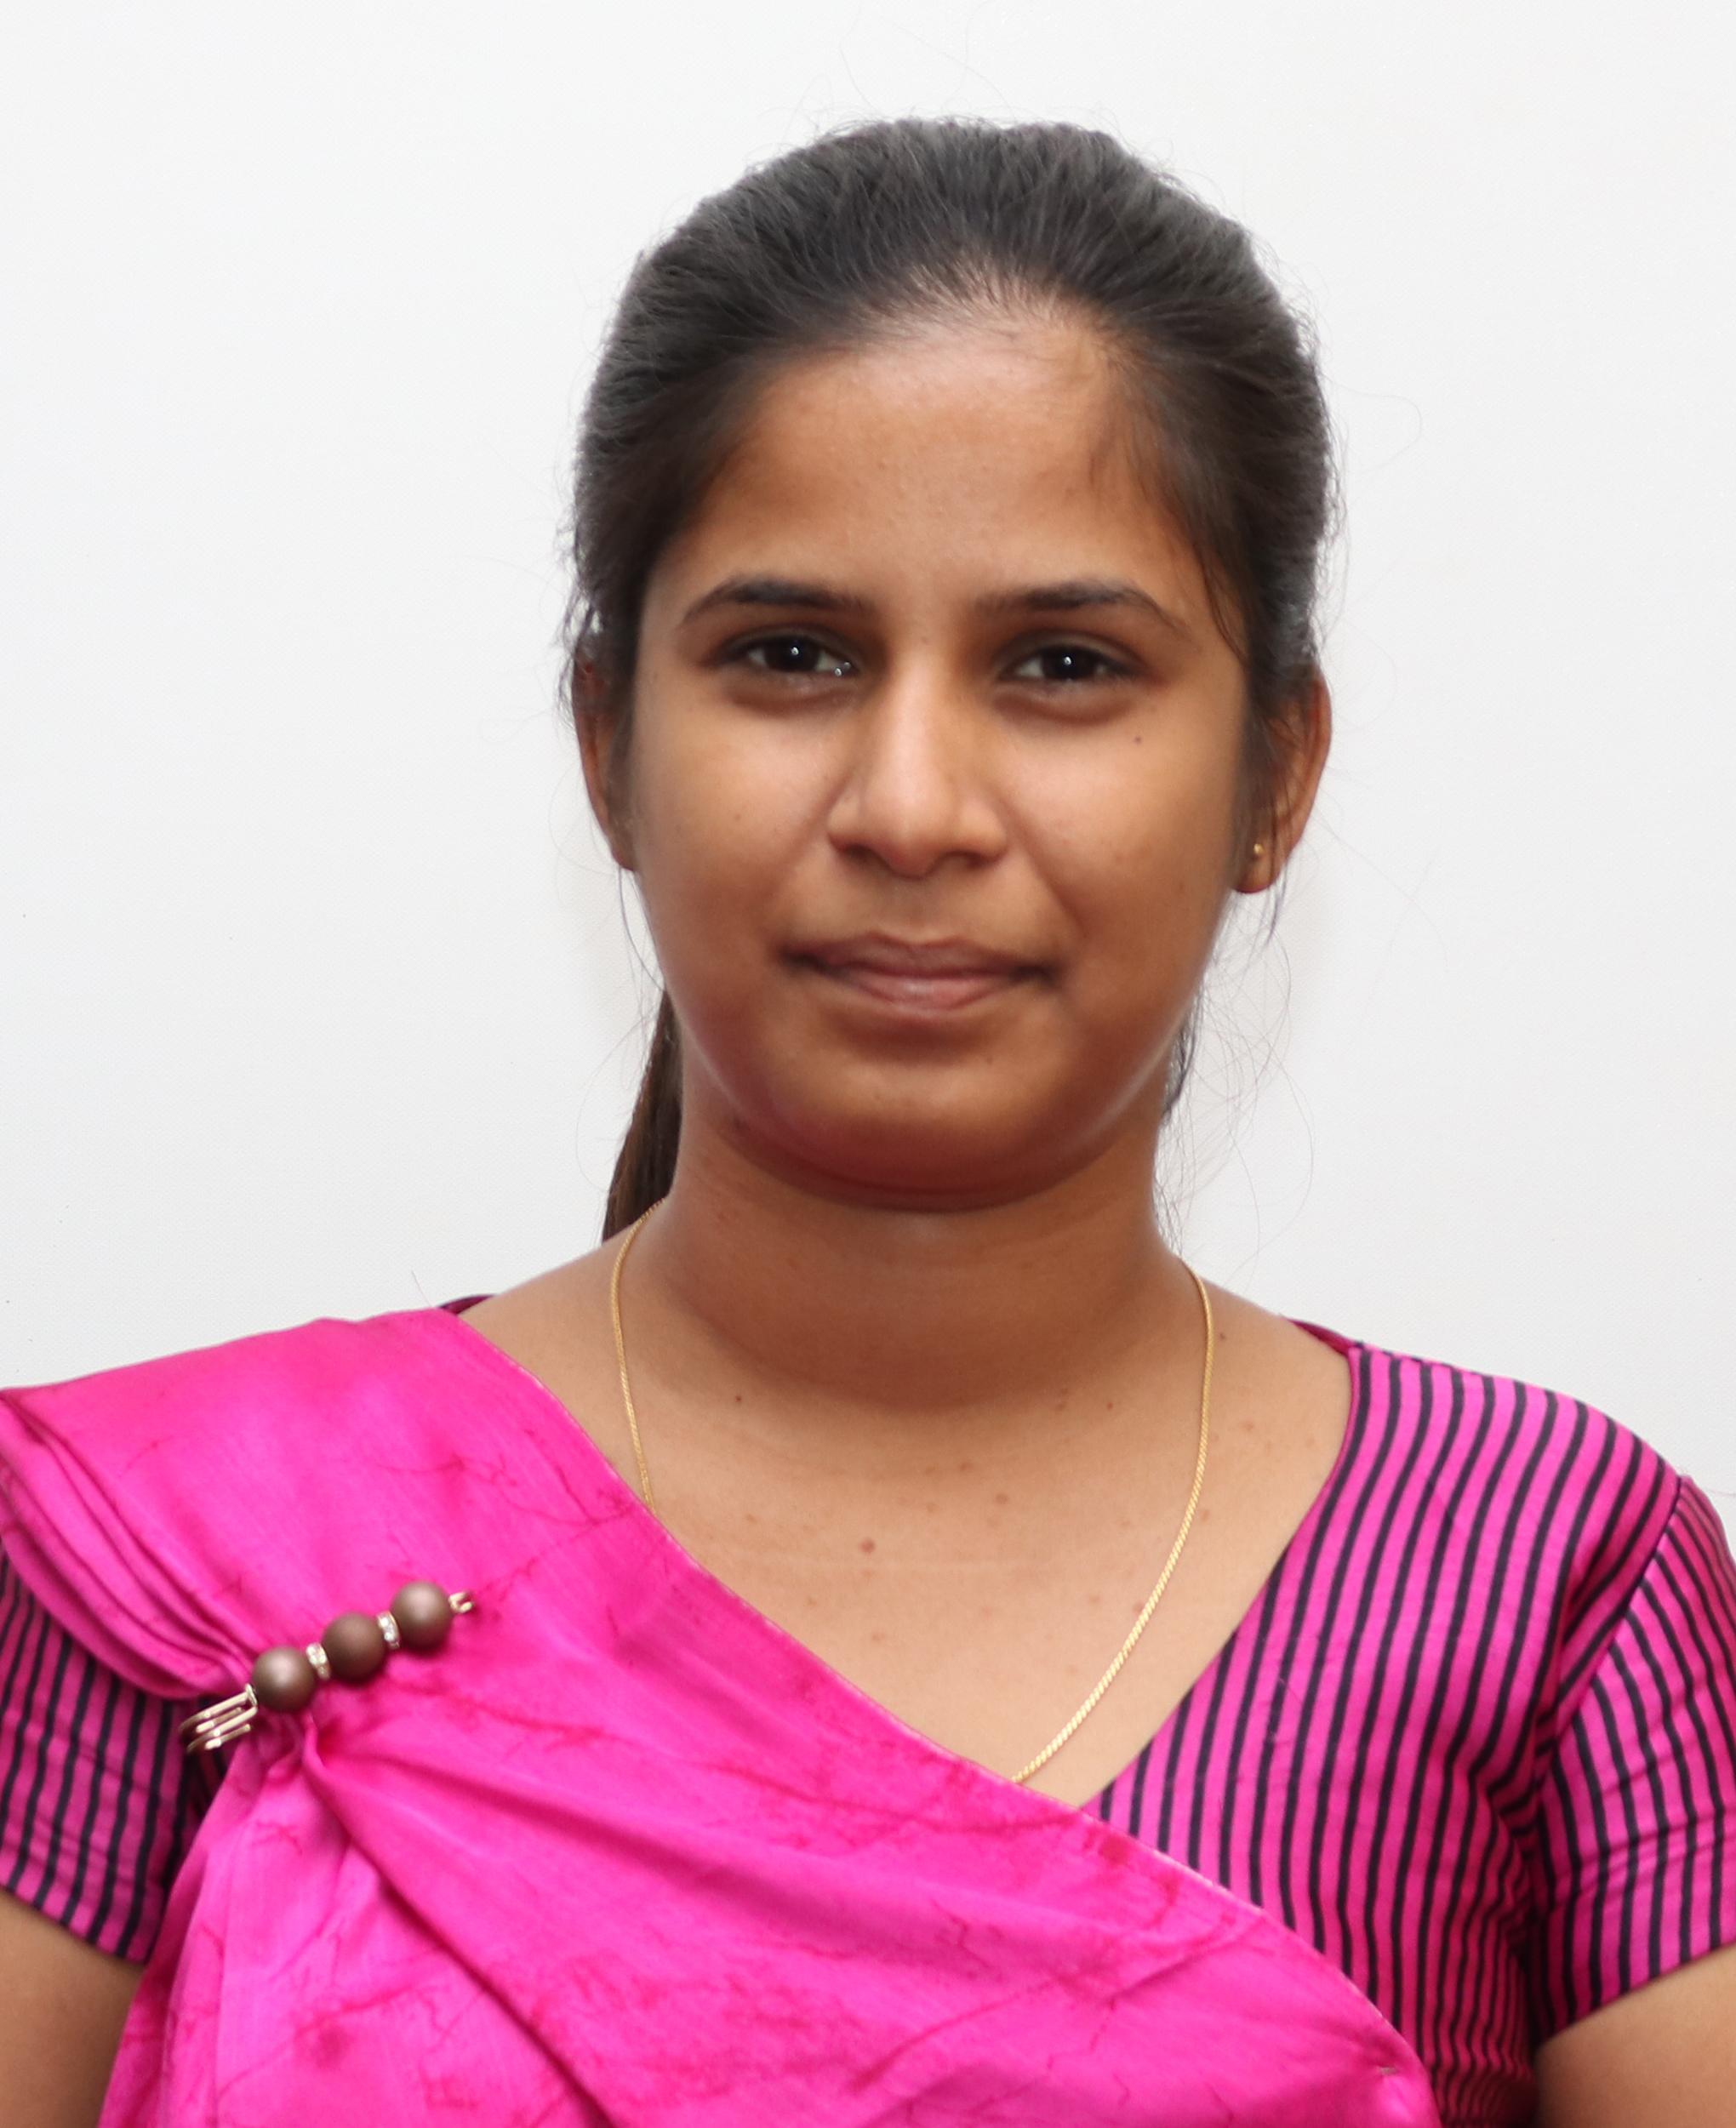 Ms. DSA Dissanayake